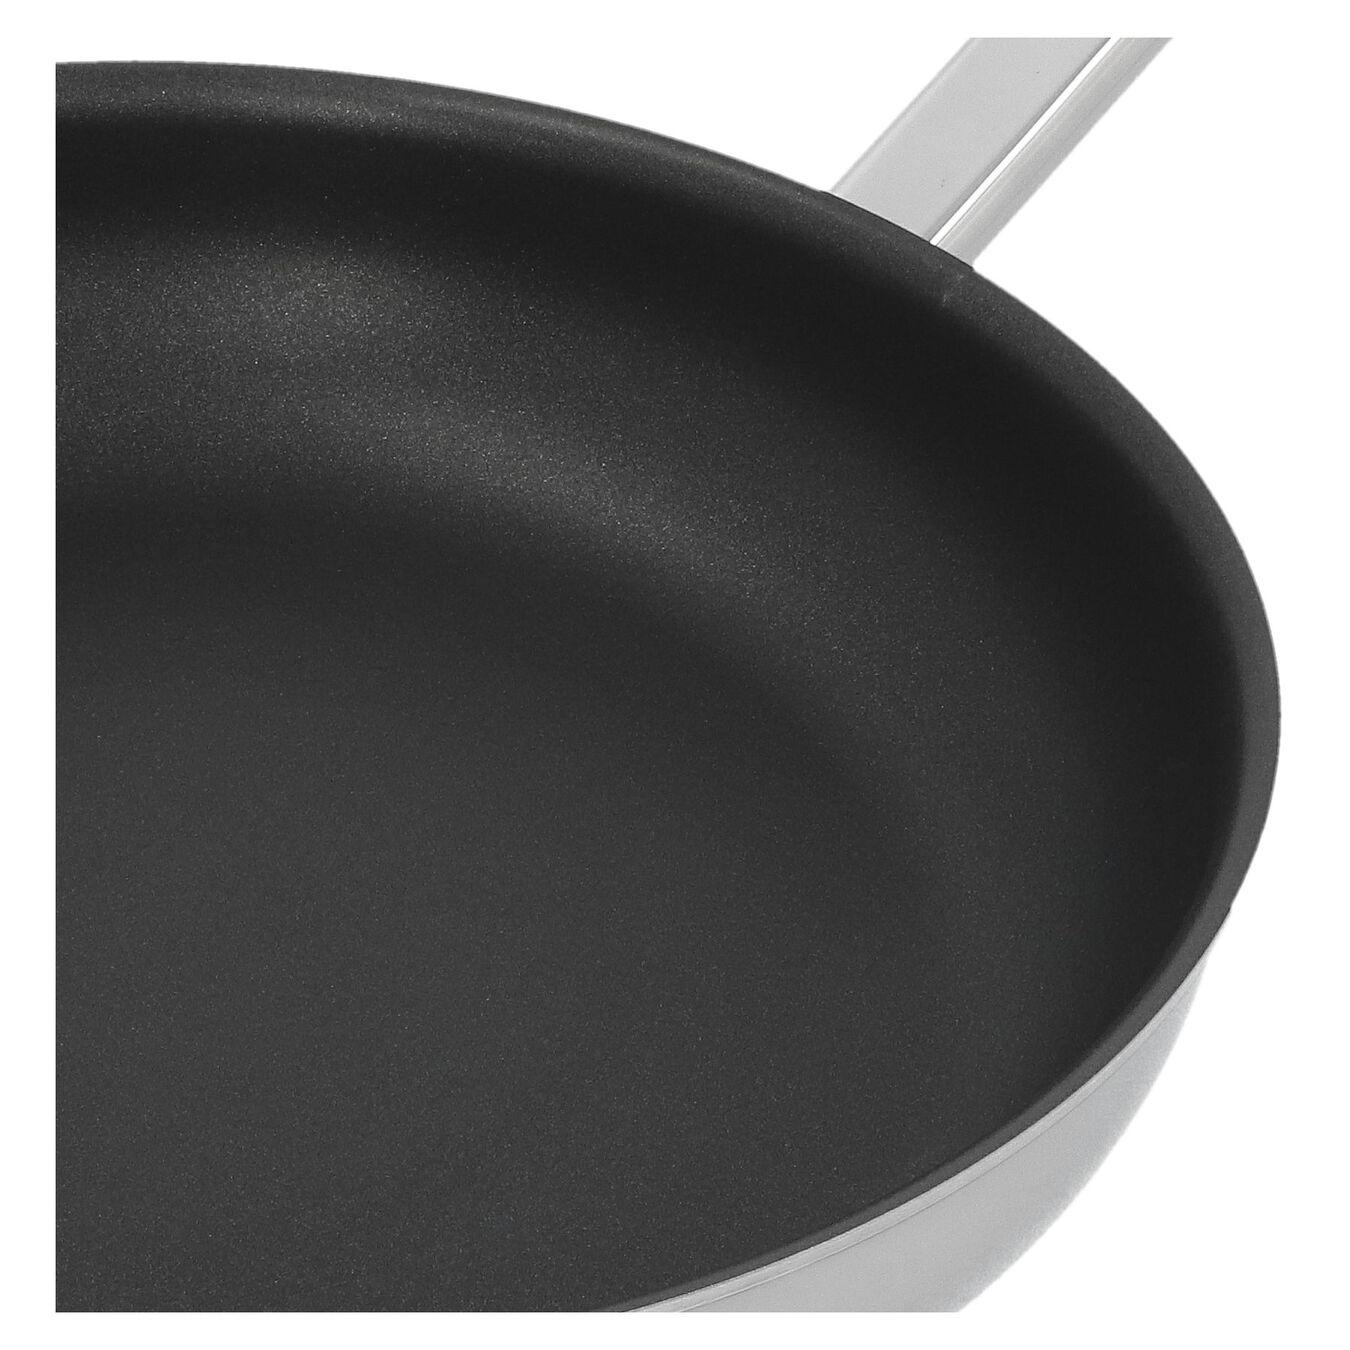 Poêle 28 cm, Inox 18/10, Noir argenté,,large 4